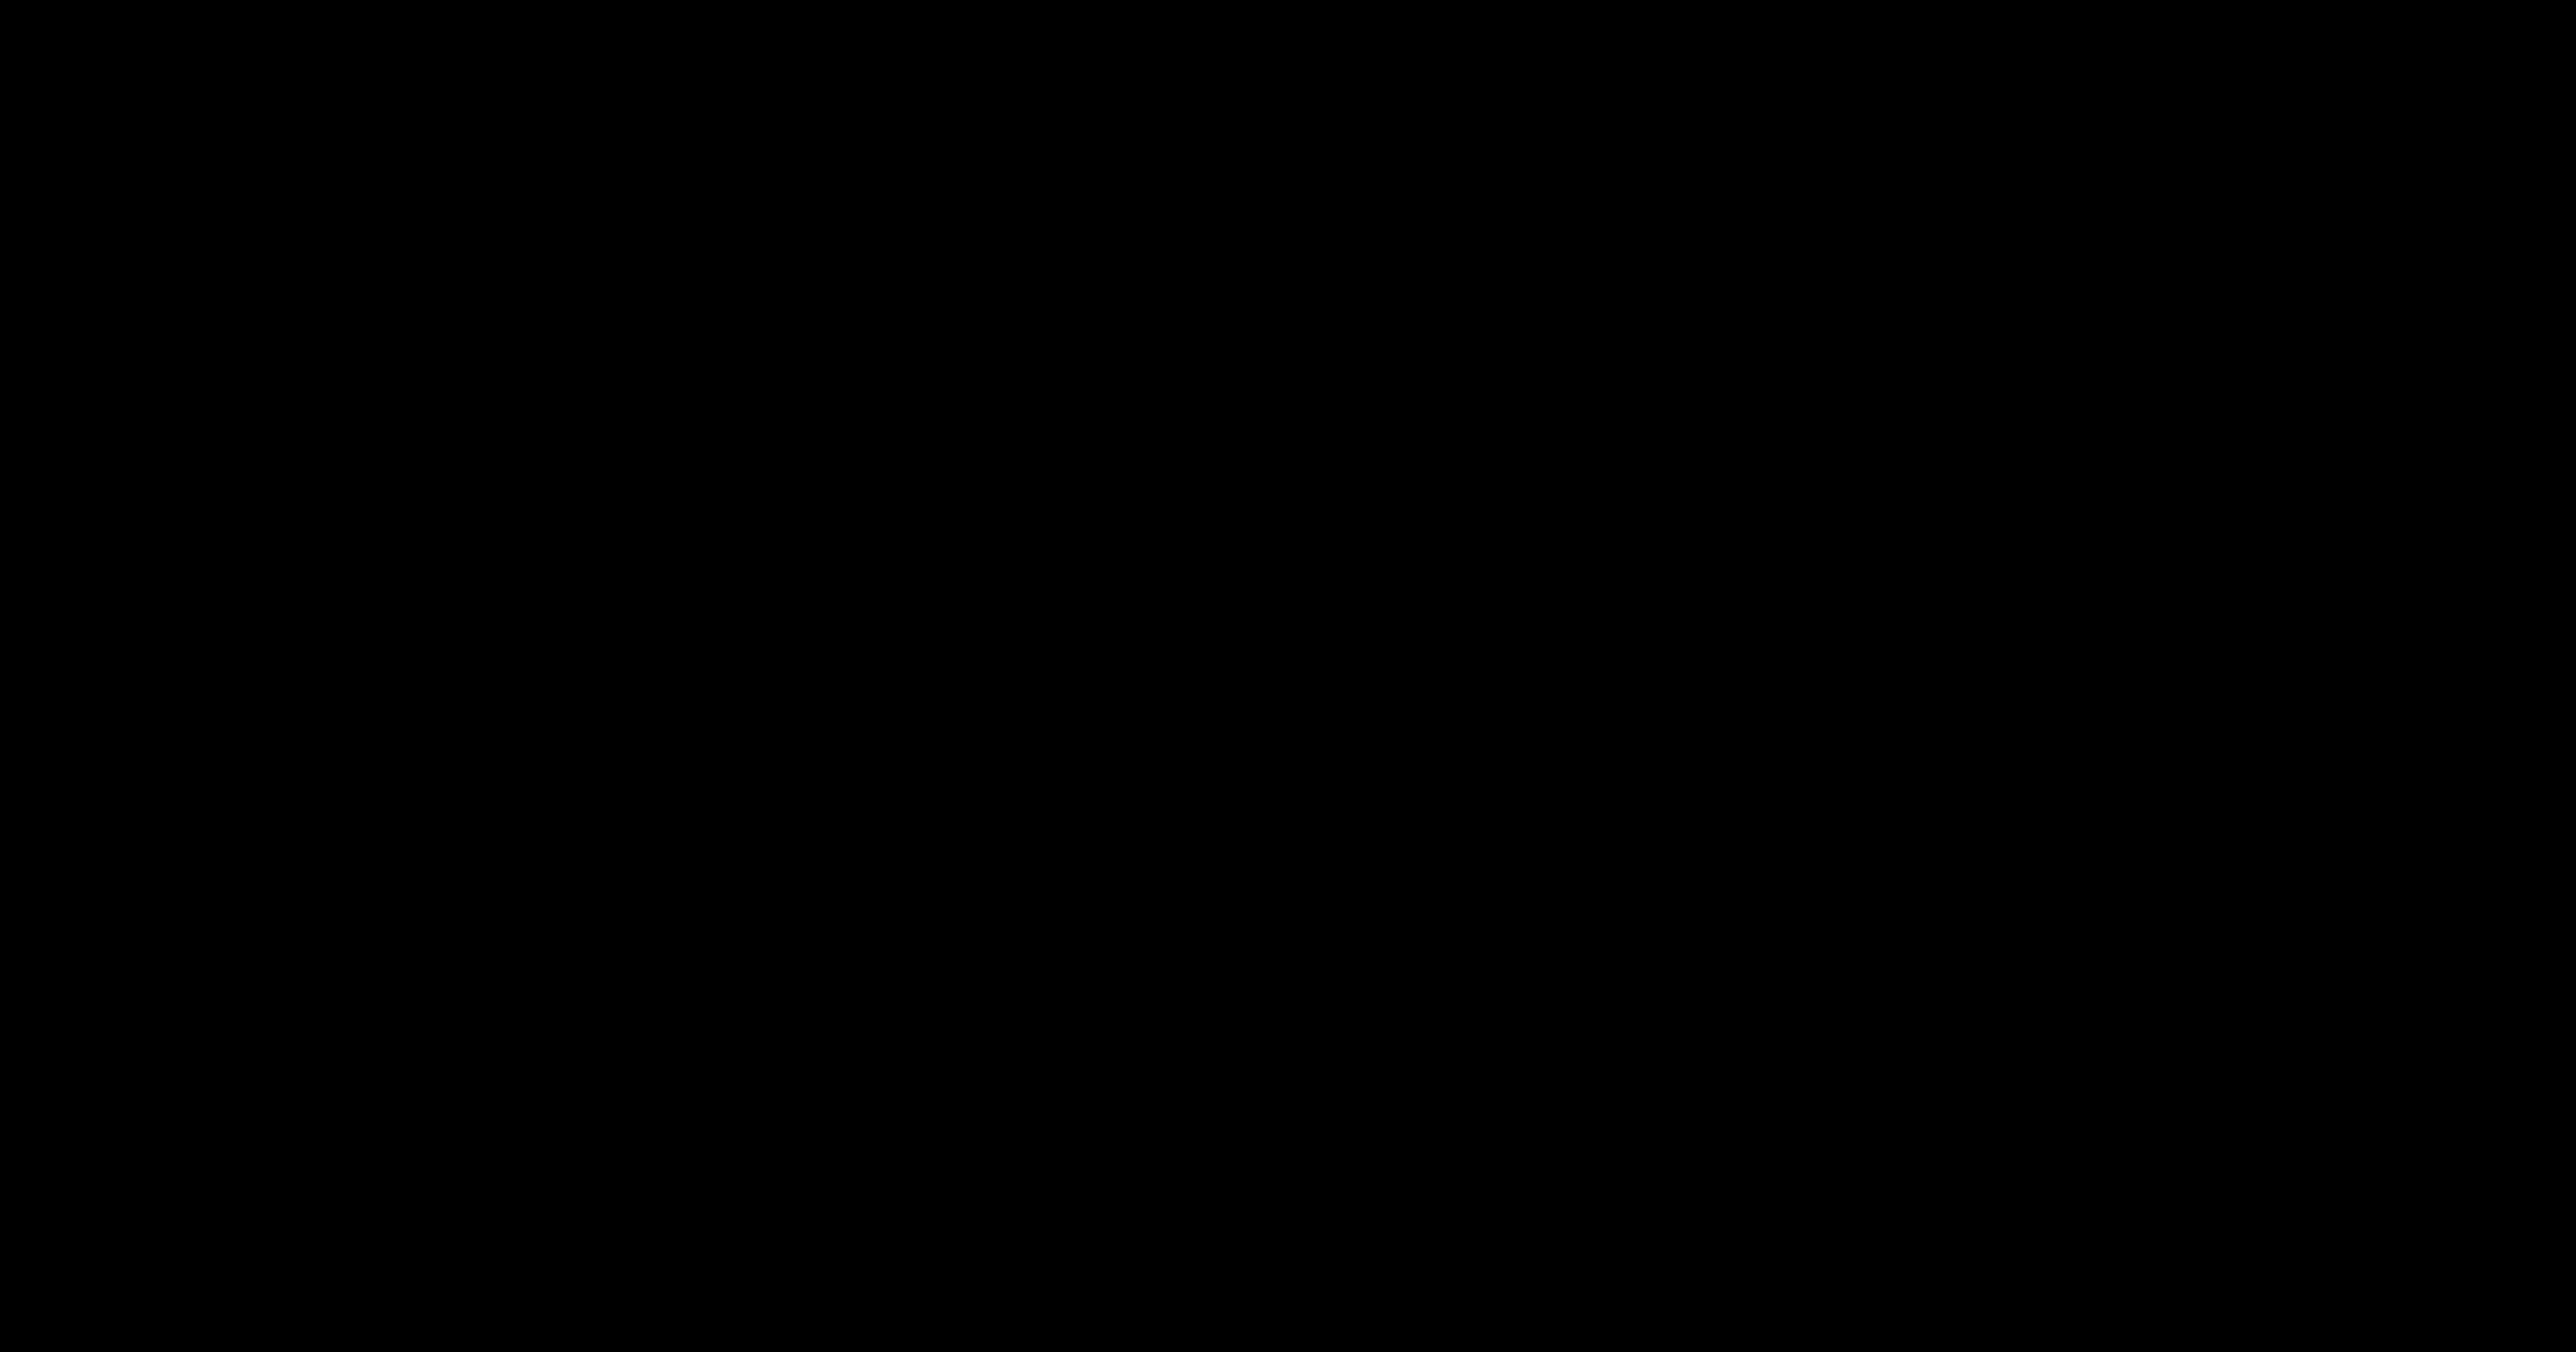 China Unicom x Wai Yuen Tong Shopping Discount